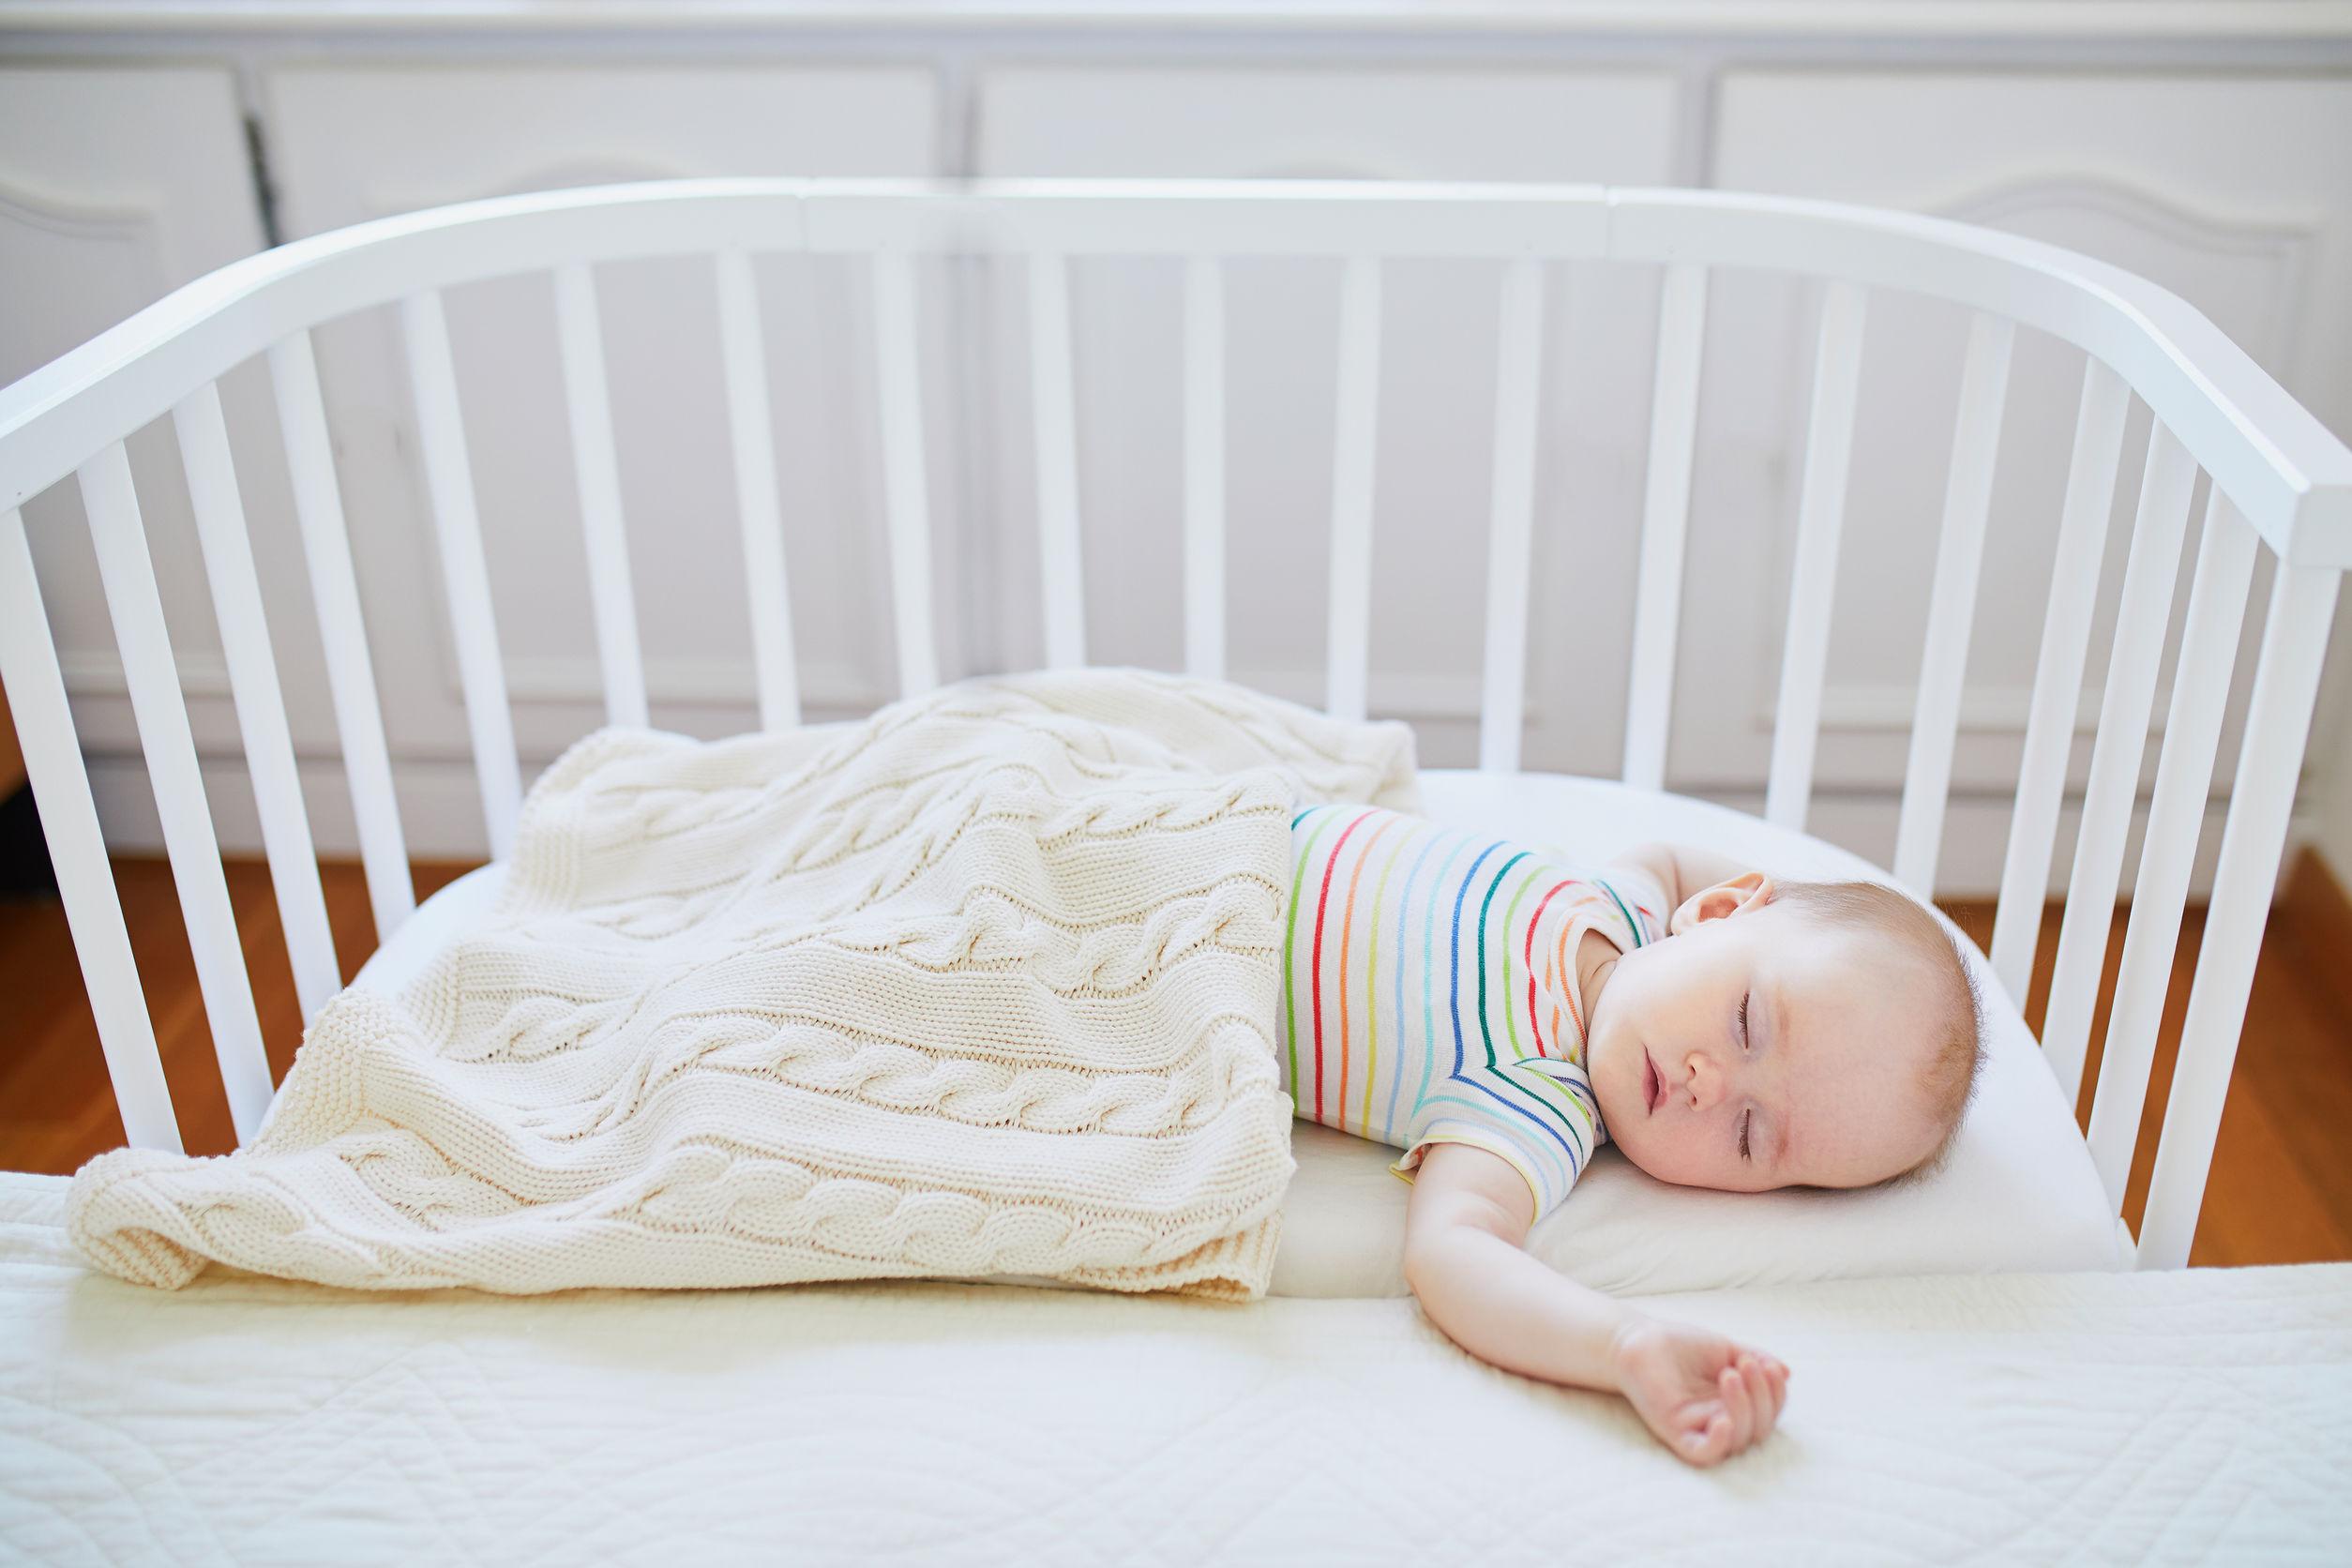 Adorable niña durmiendo en una cuna para dormir junto a la cama de los padres.